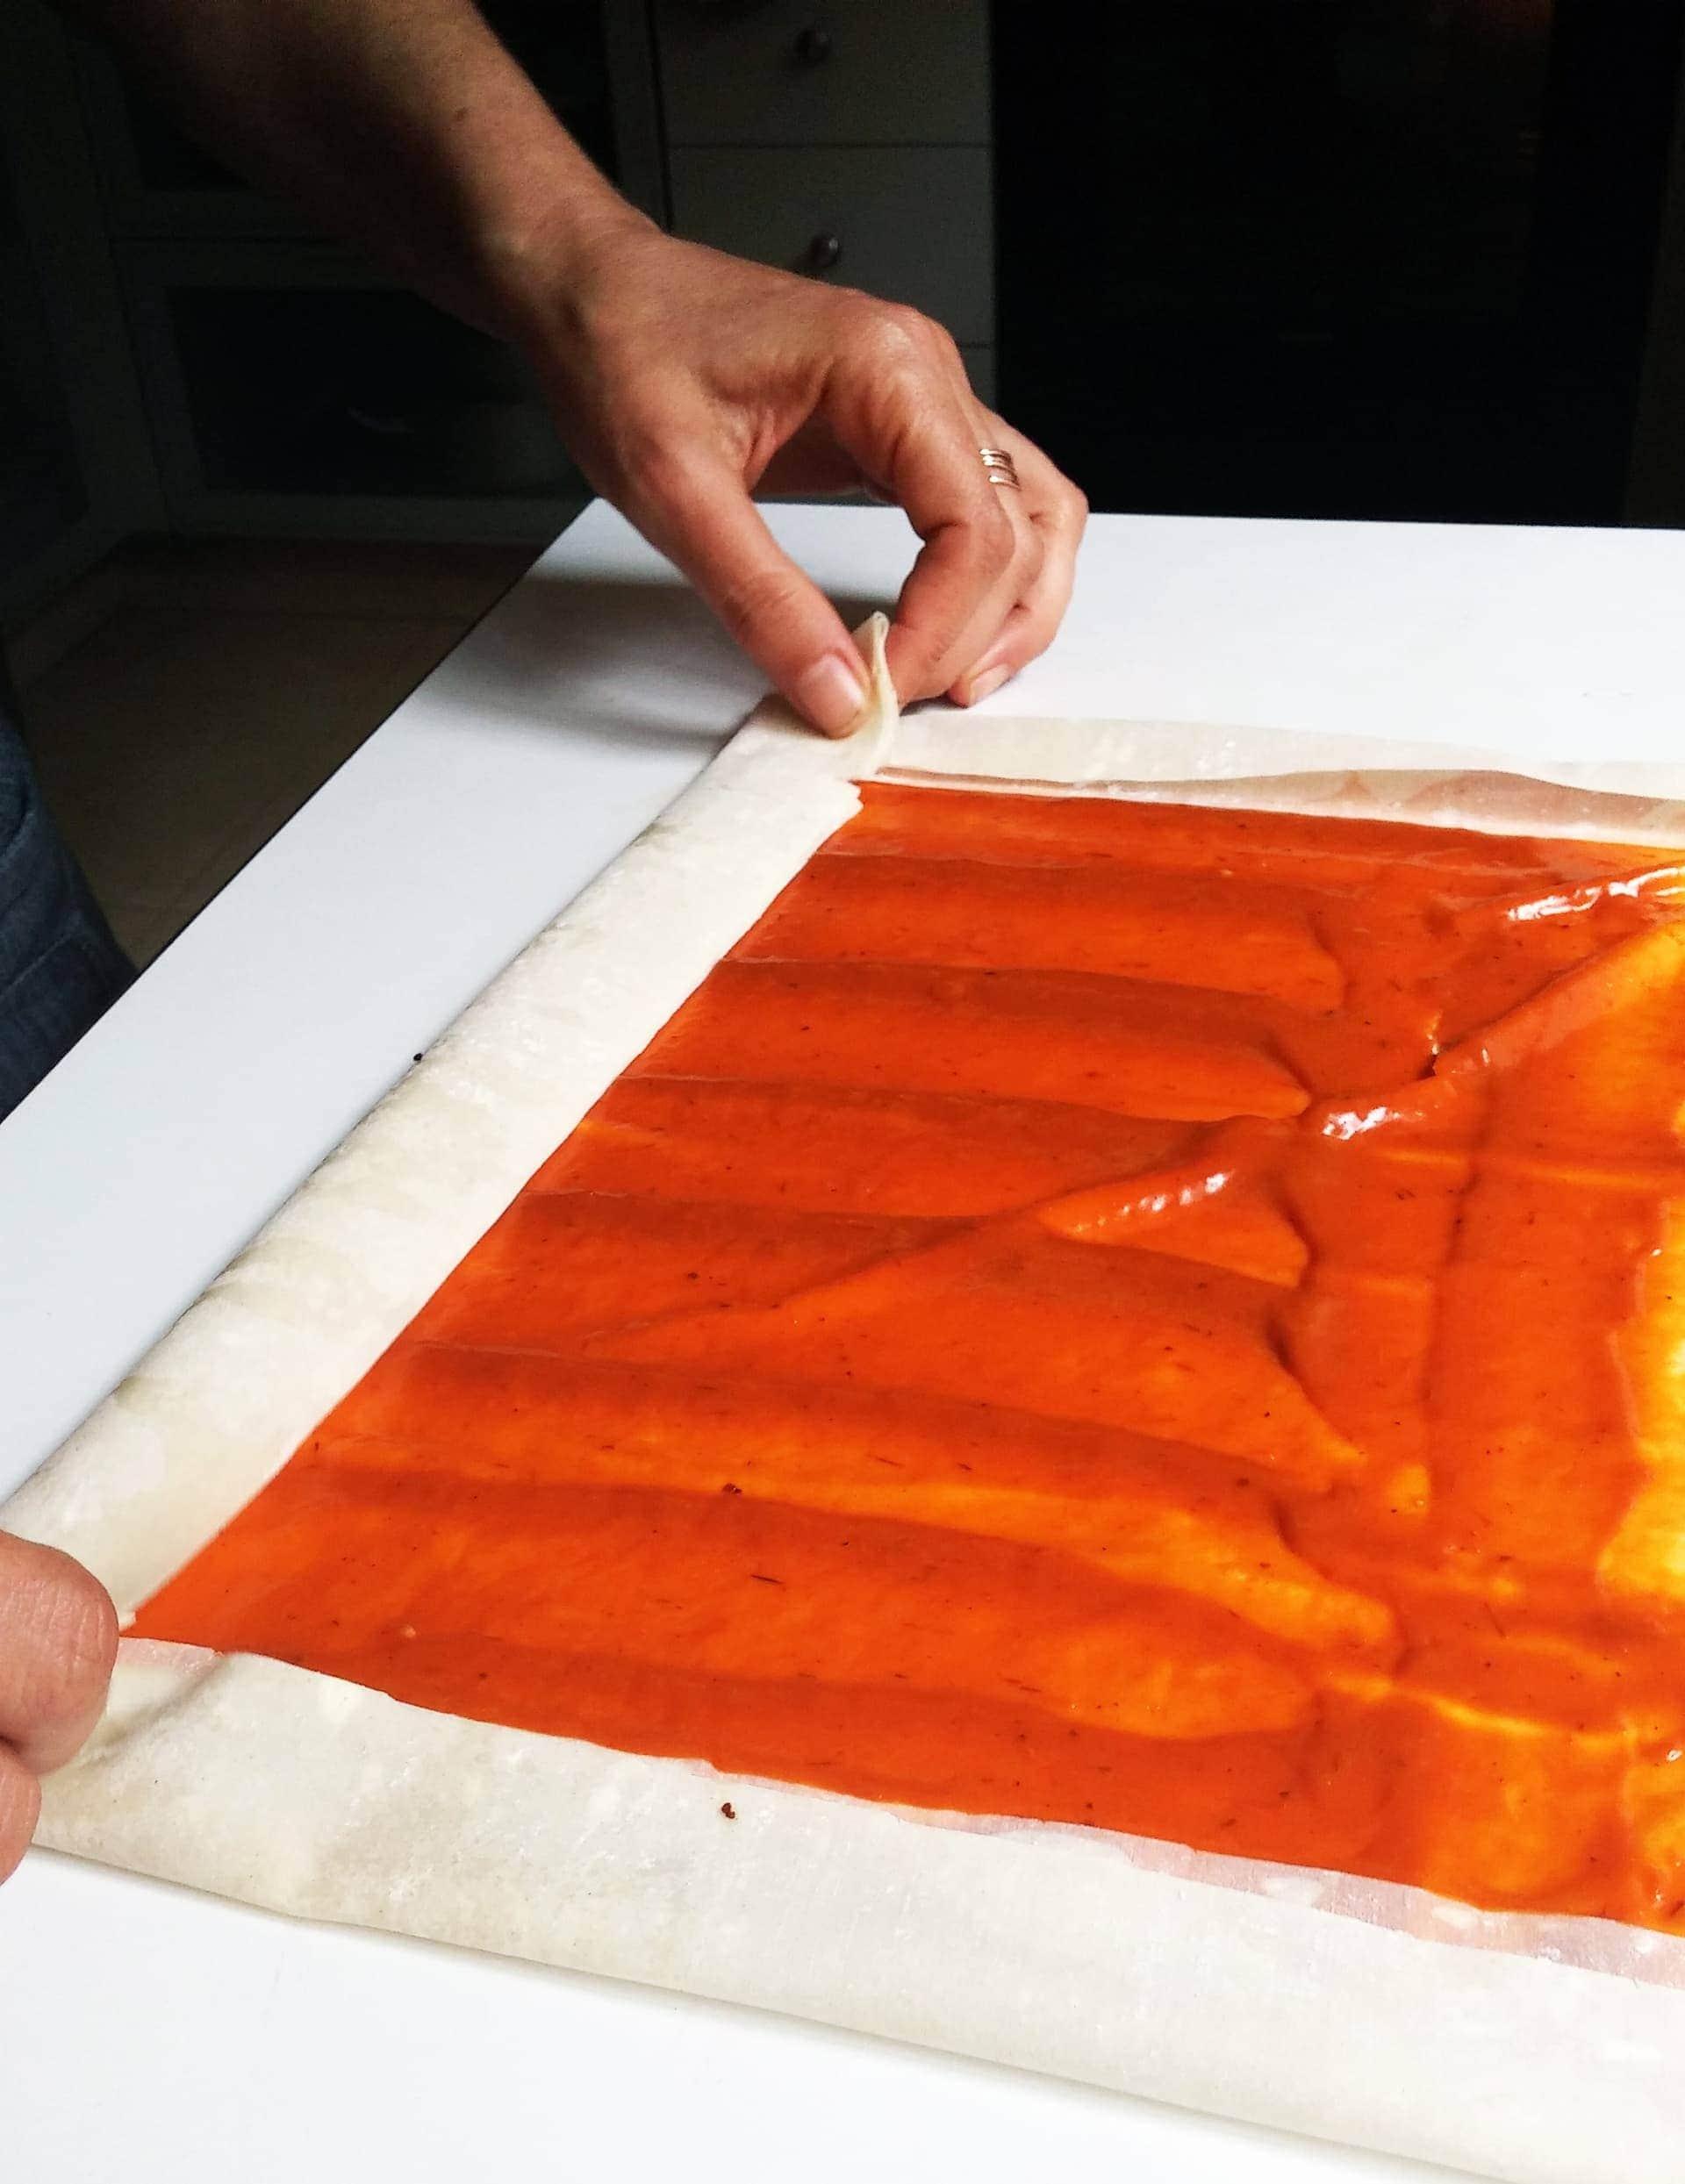 מקפלים פנימה, מגלגלים לרולדה וחותכים לגודל דומה לשל הפילו במילוי עגבניות מיובשות.